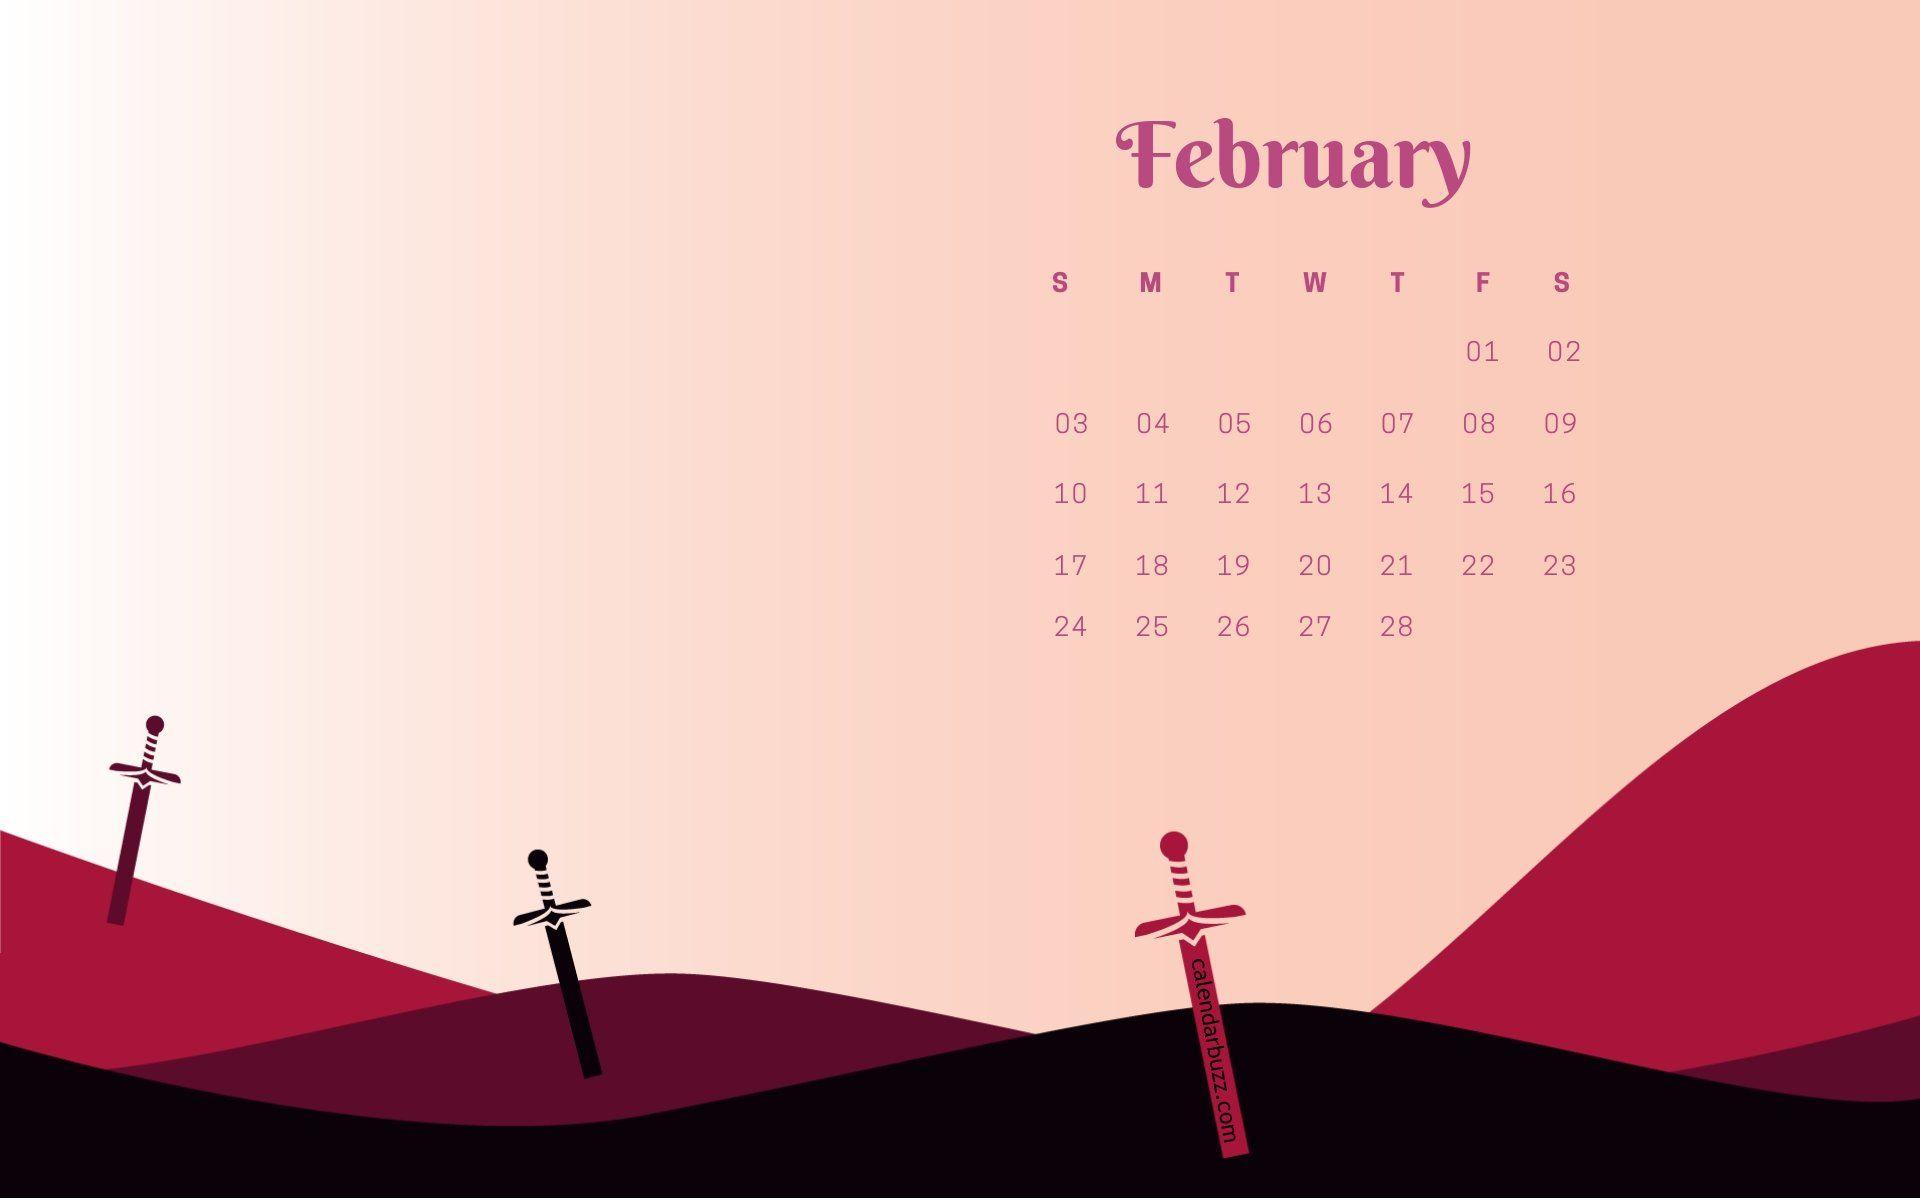 Calendar Background February 2019 February 2019 Stylish Calendar Wallpaper #February #february2019